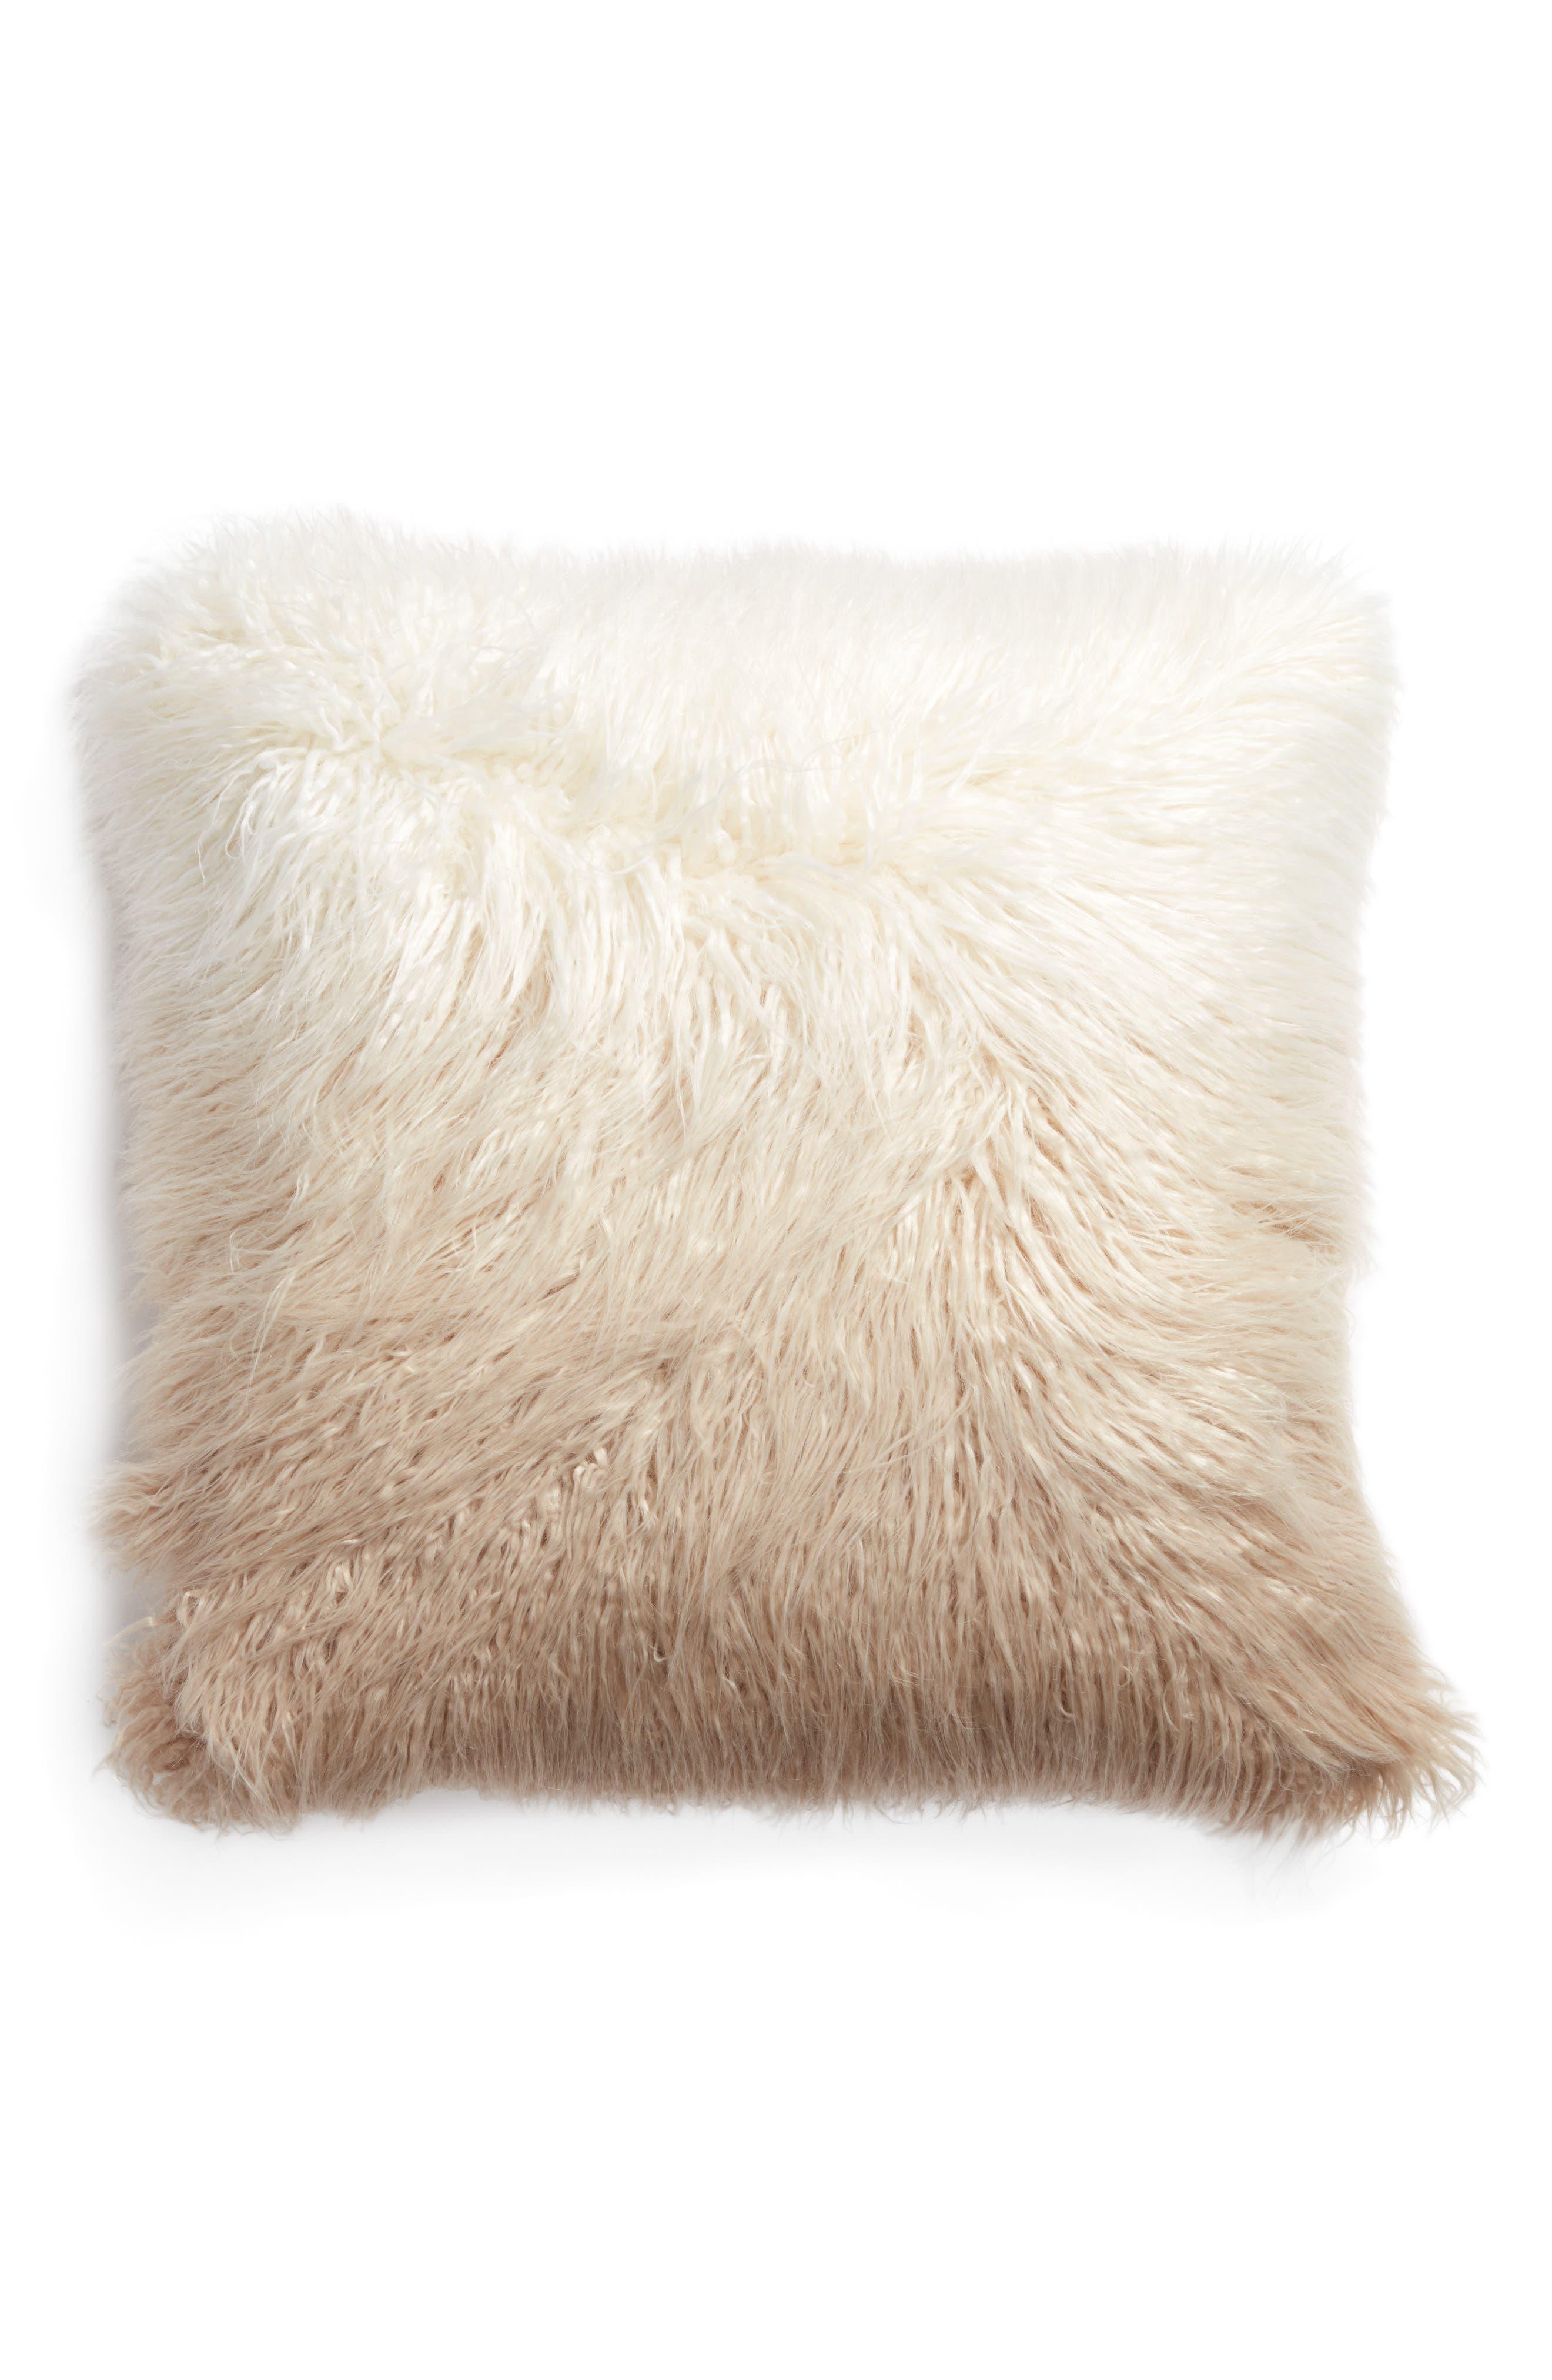 Ombré Faux Fur Flokati Accent Pillow,                             Main thumbnail 5, color,